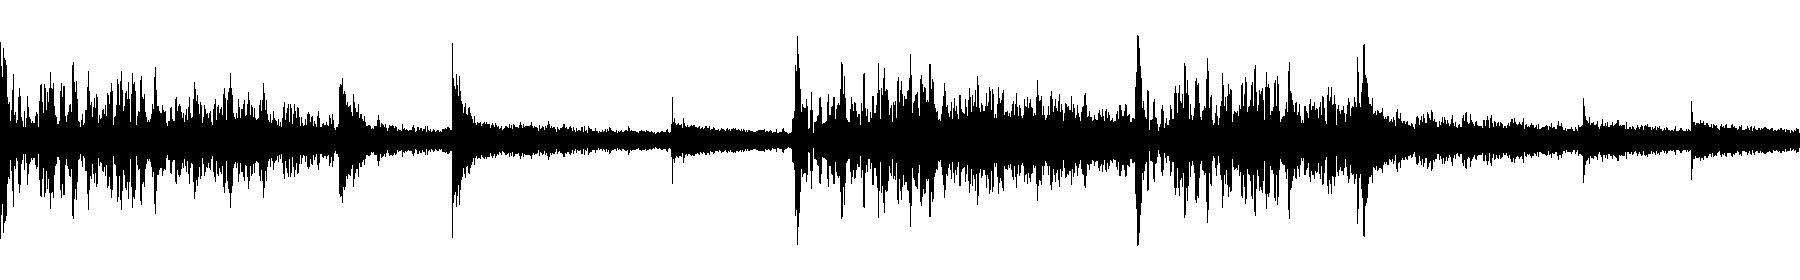 blbc jazzydrum analogmush 75 03